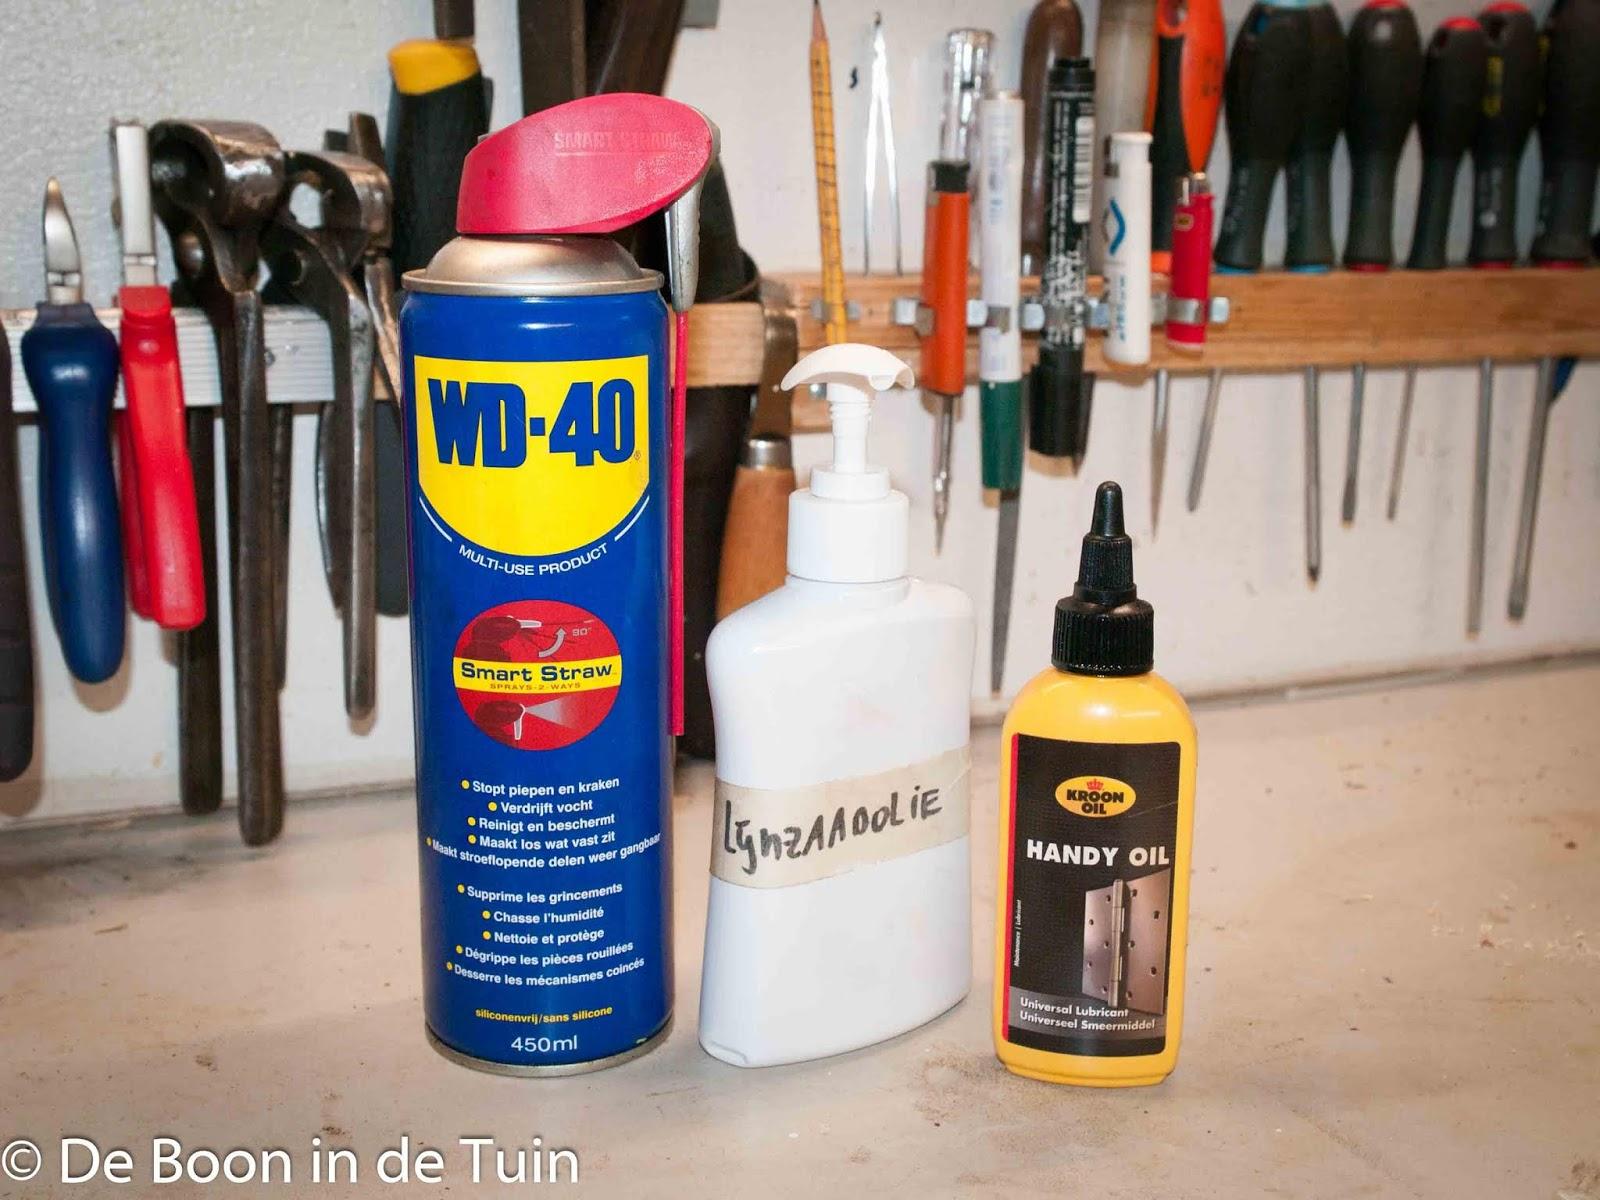 smeermiddelen olie wd40 tuingereedschap onderhouden